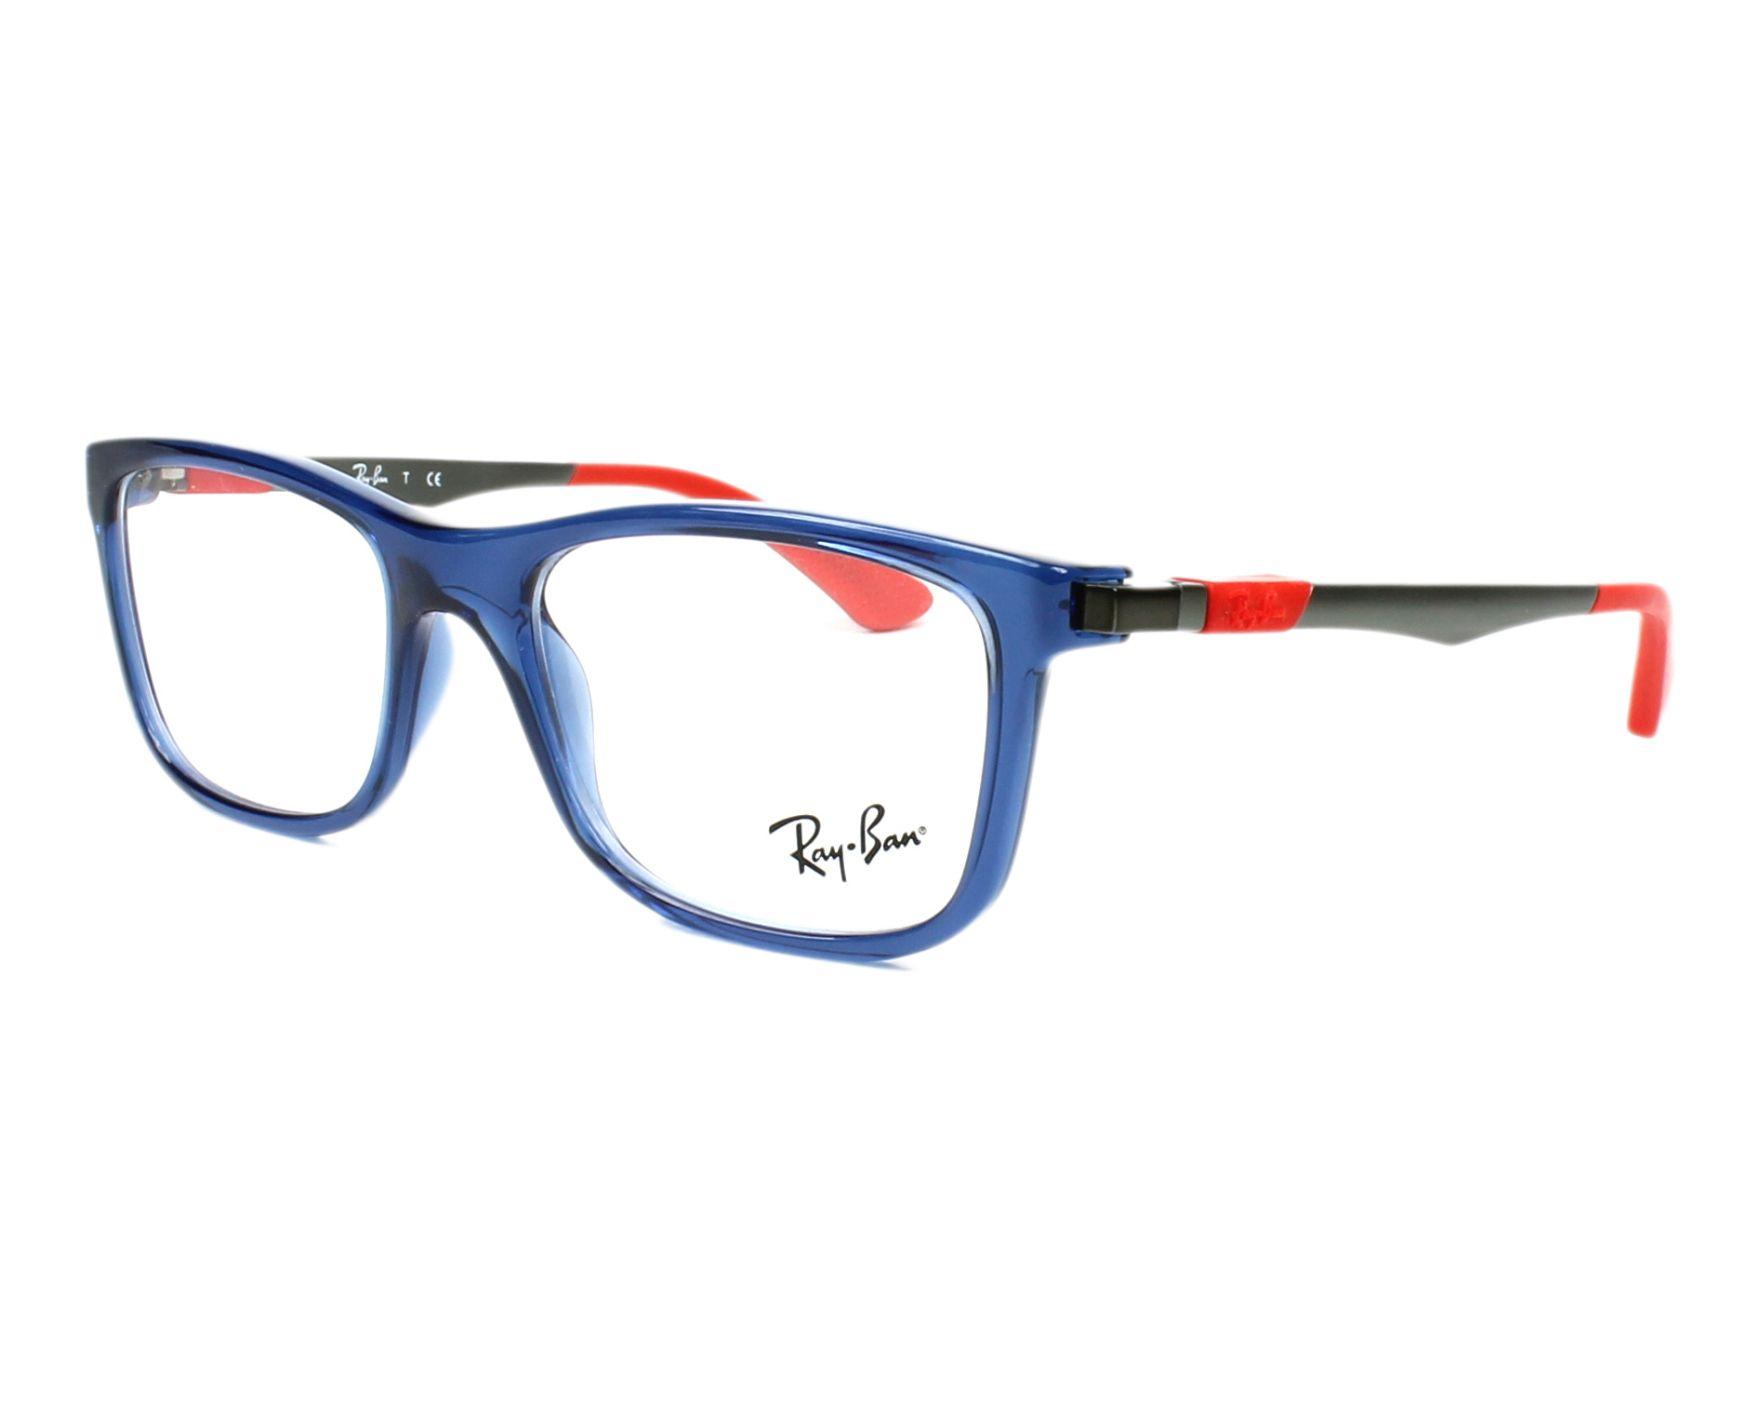 6a7b2d5400 eyeglasses Ray-Ban RY-1549 3734 - Blue Gun profile view